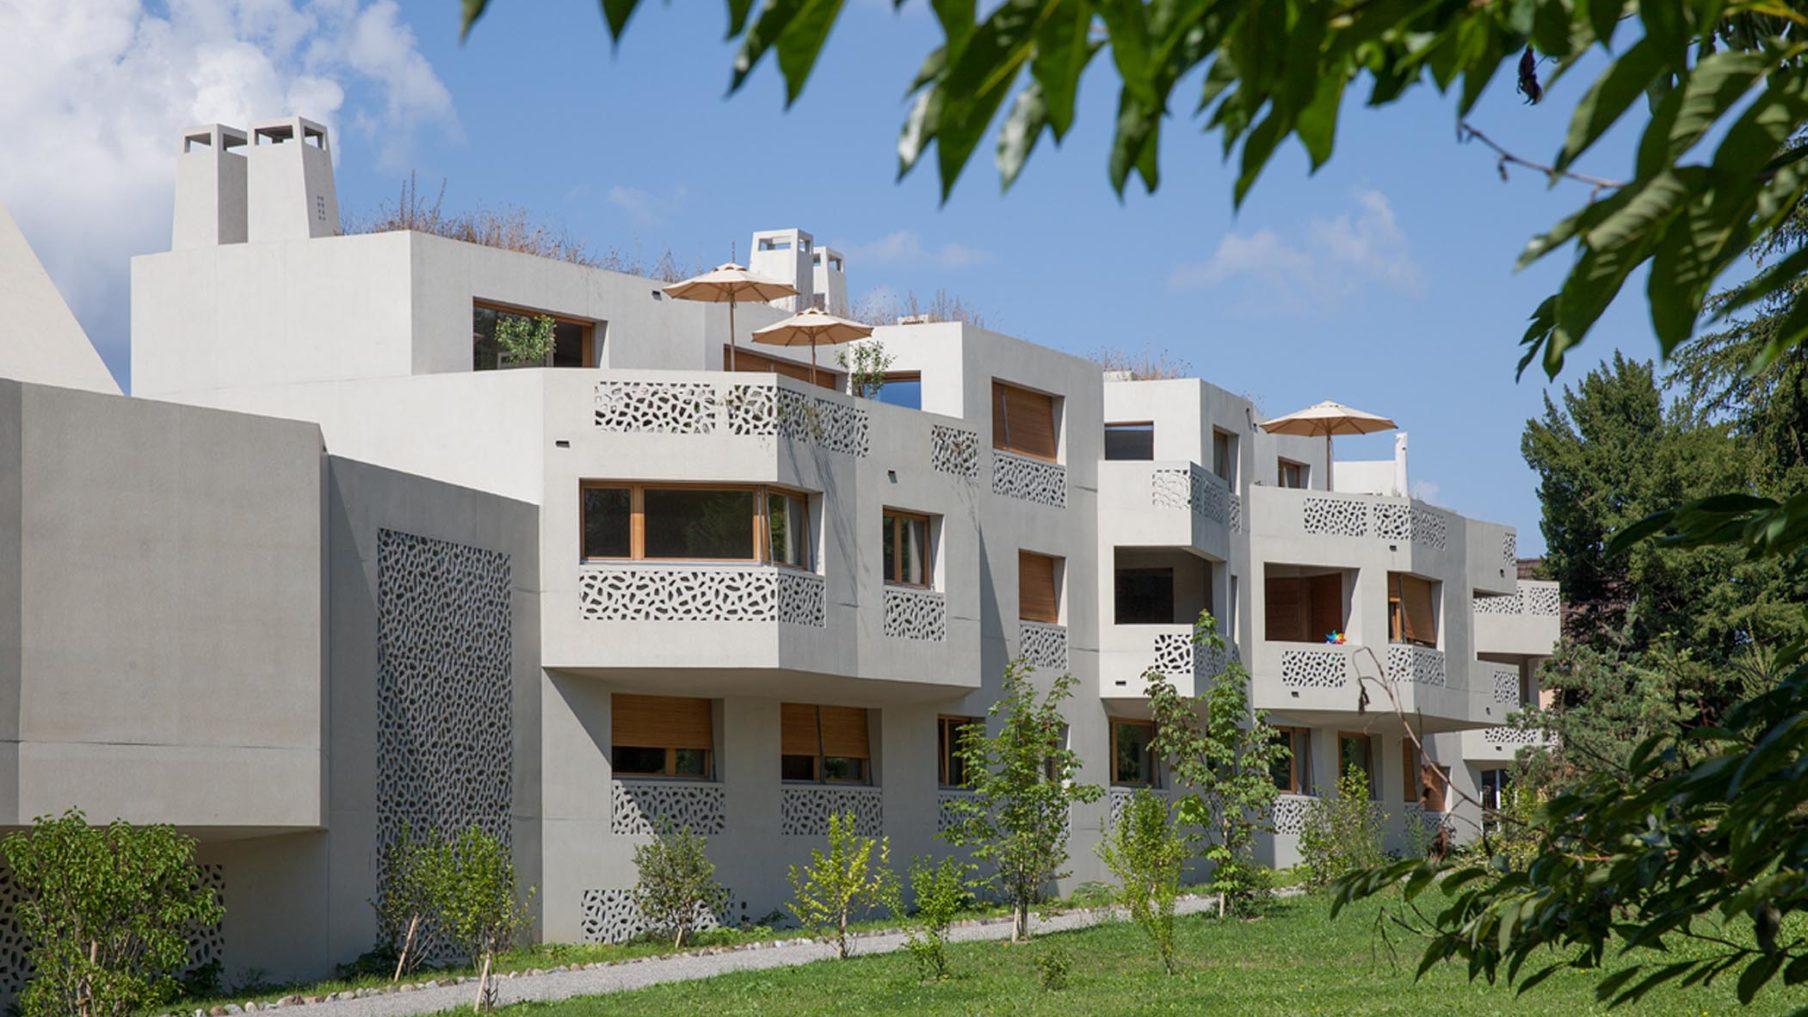 Wohnüberbauung Patumbah Zürich (Fertigstellung 2013)